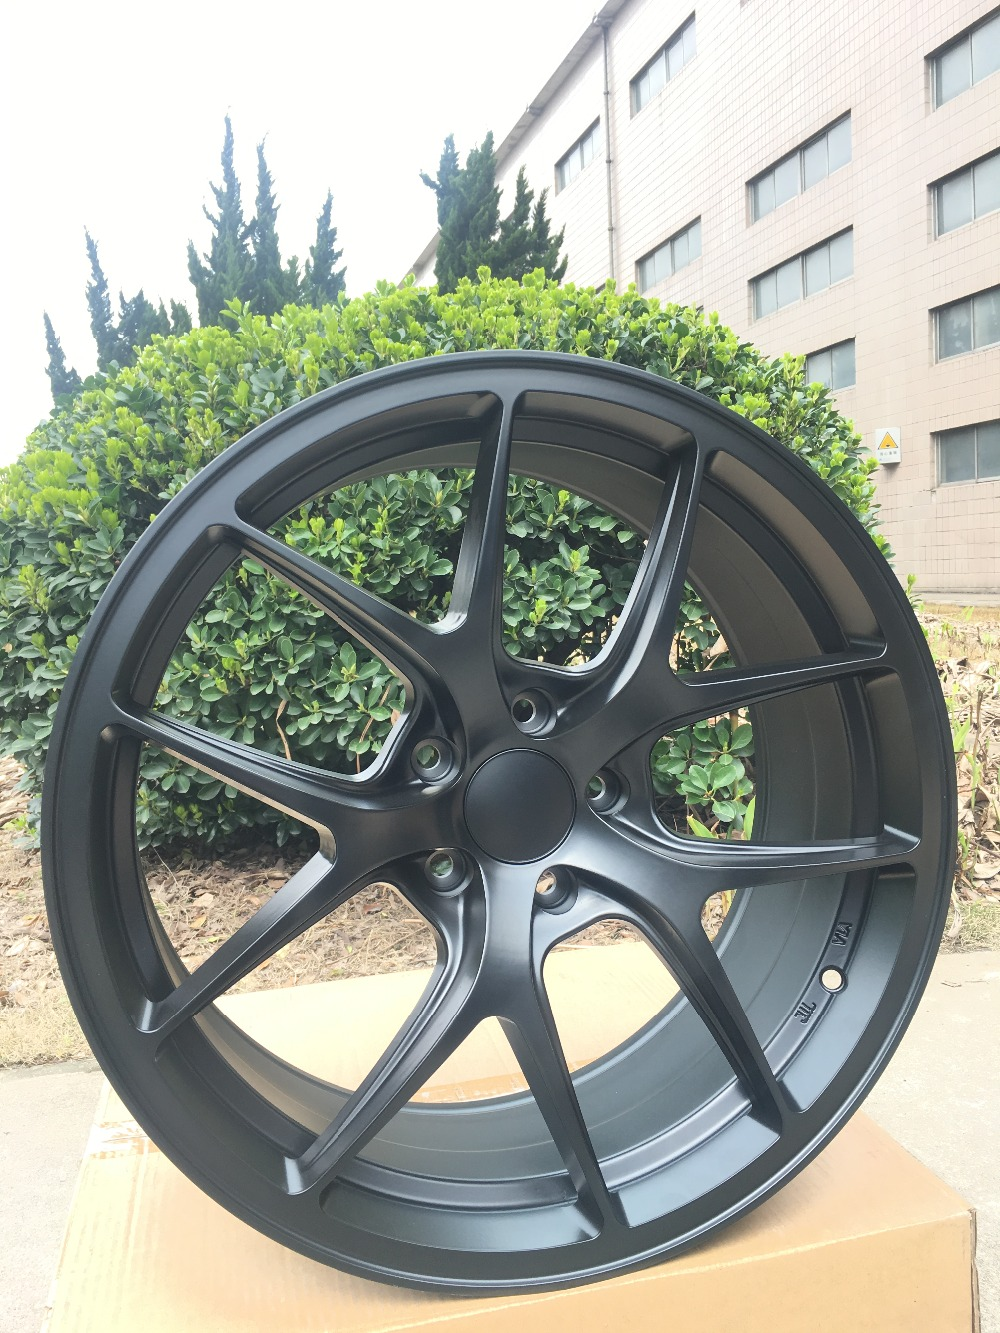 Сплав колеса Диски 4 Новый 19 Атлас Черный Диски колеса подходит всем Honda Civic 2006 2016 Honda Accord 2004 2016 W005